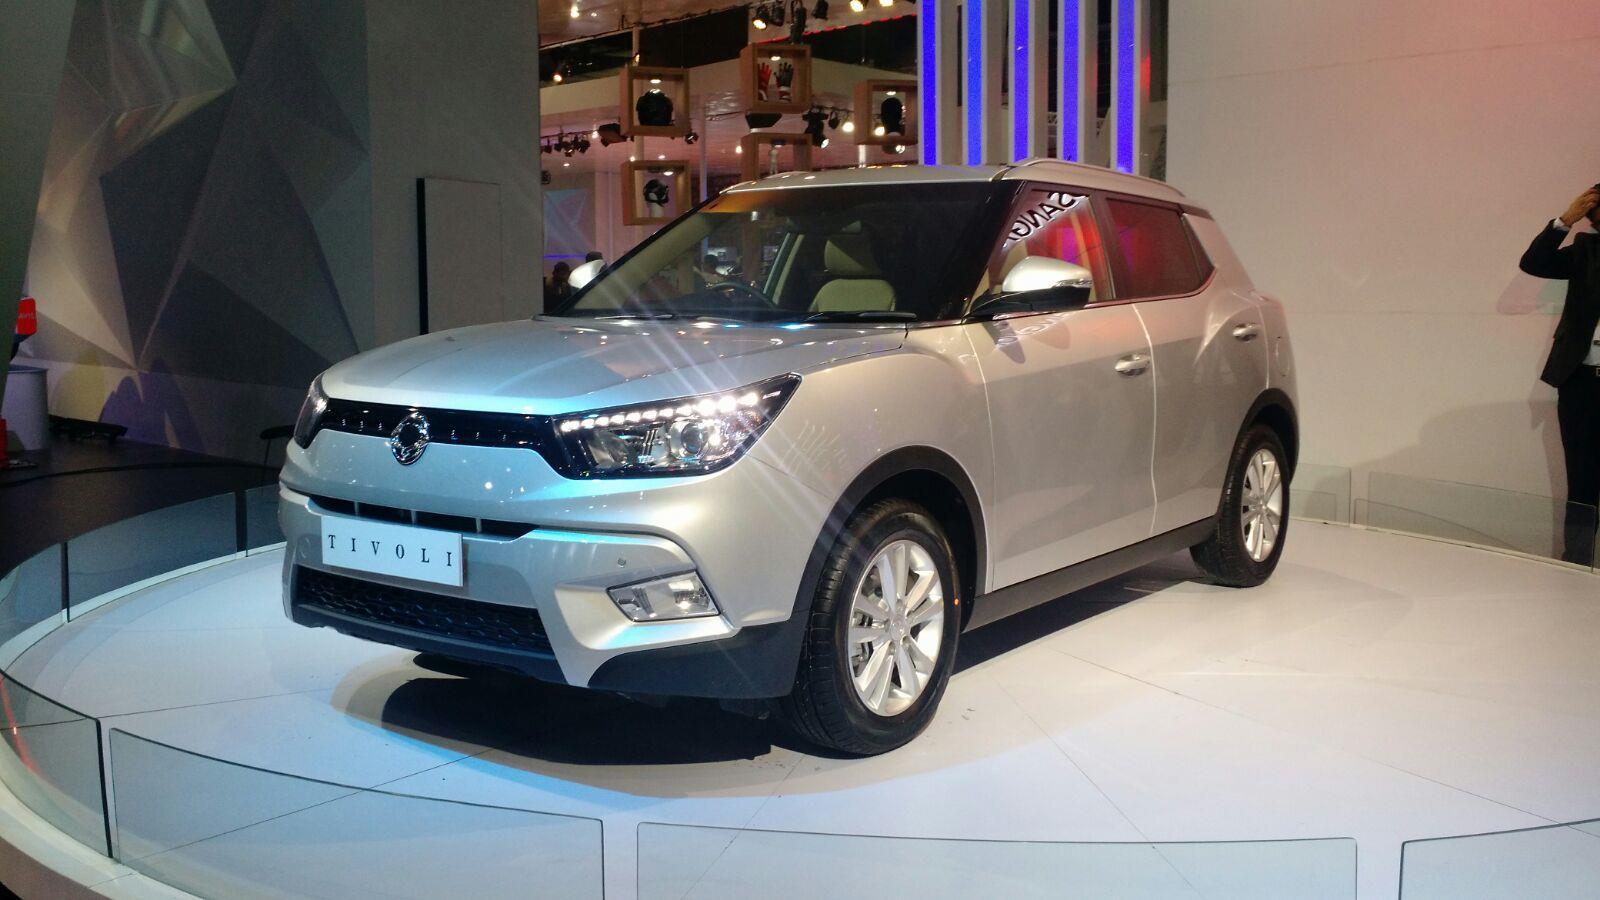 SsangYong Tivoli makes its debut at Auto Expo 2016